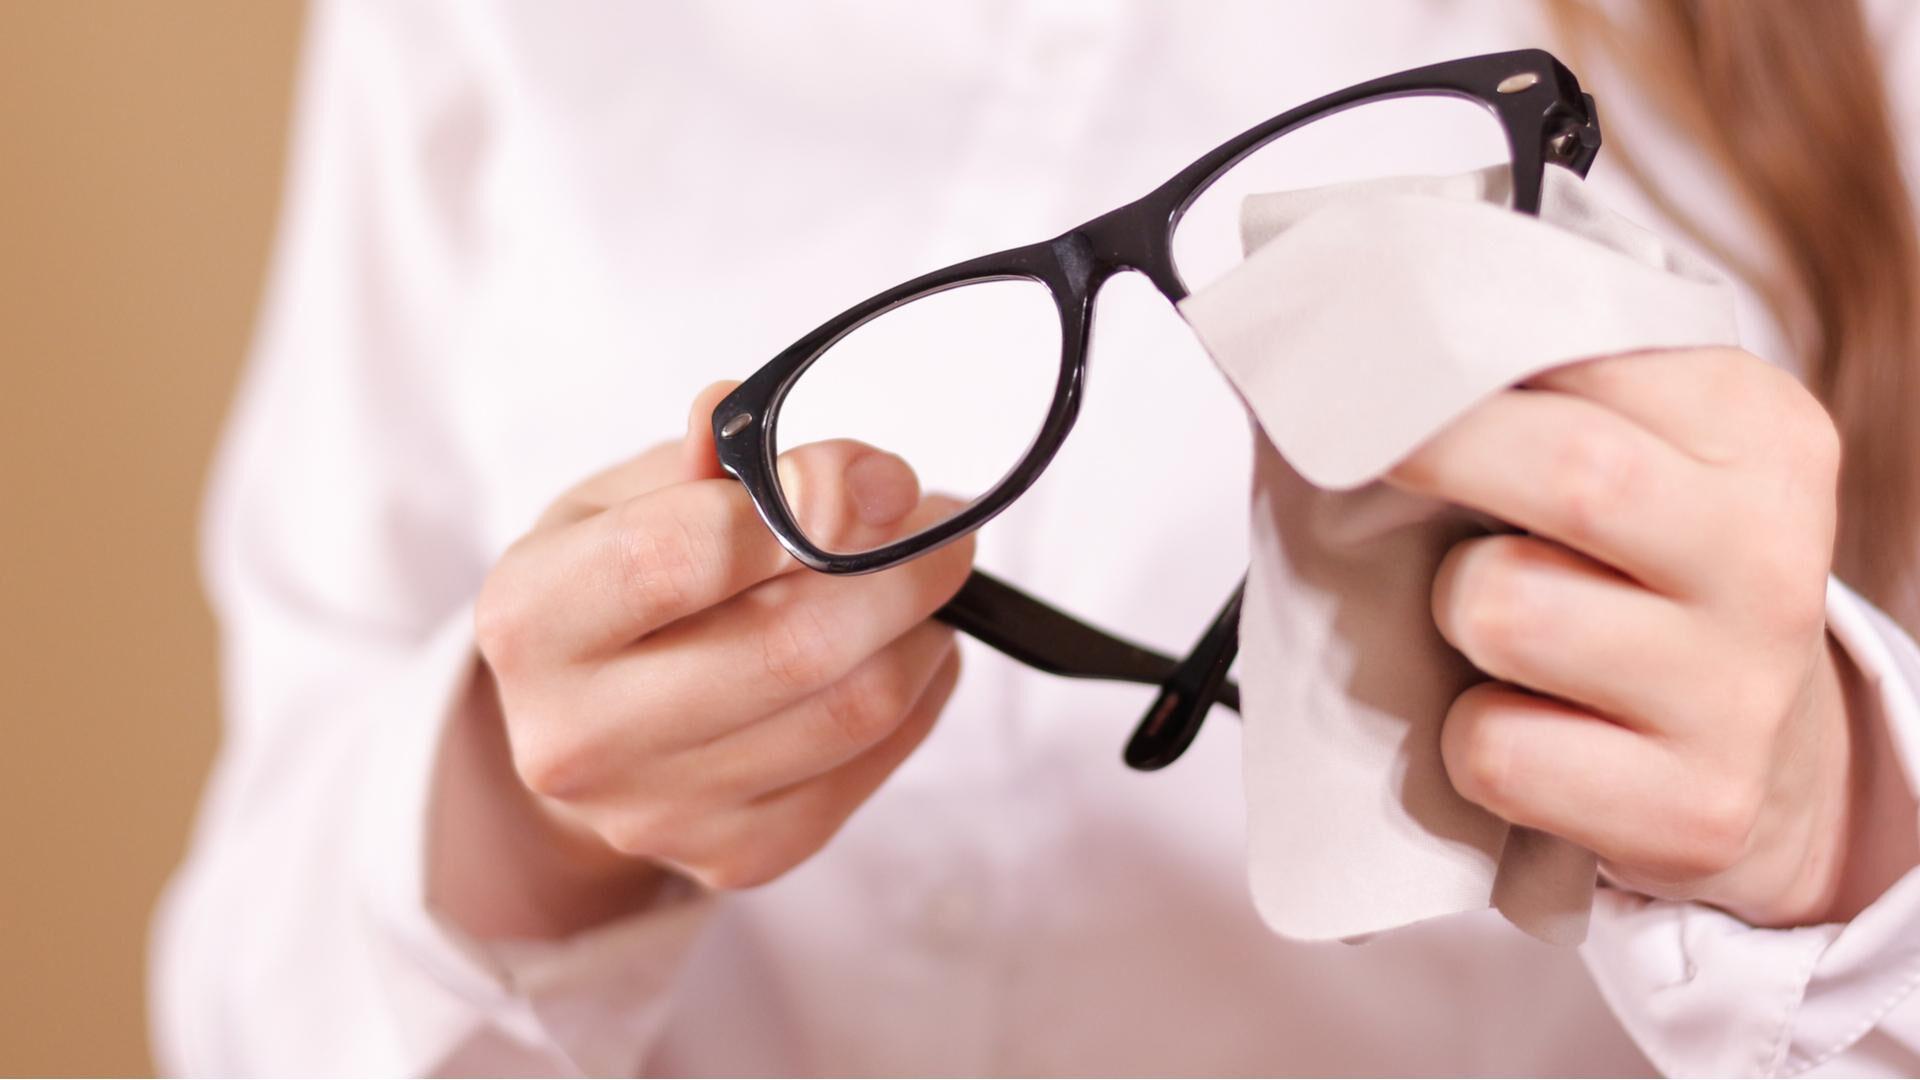 Silmälasien puhdistus ja huolto on helppoa näillä vinkeillä